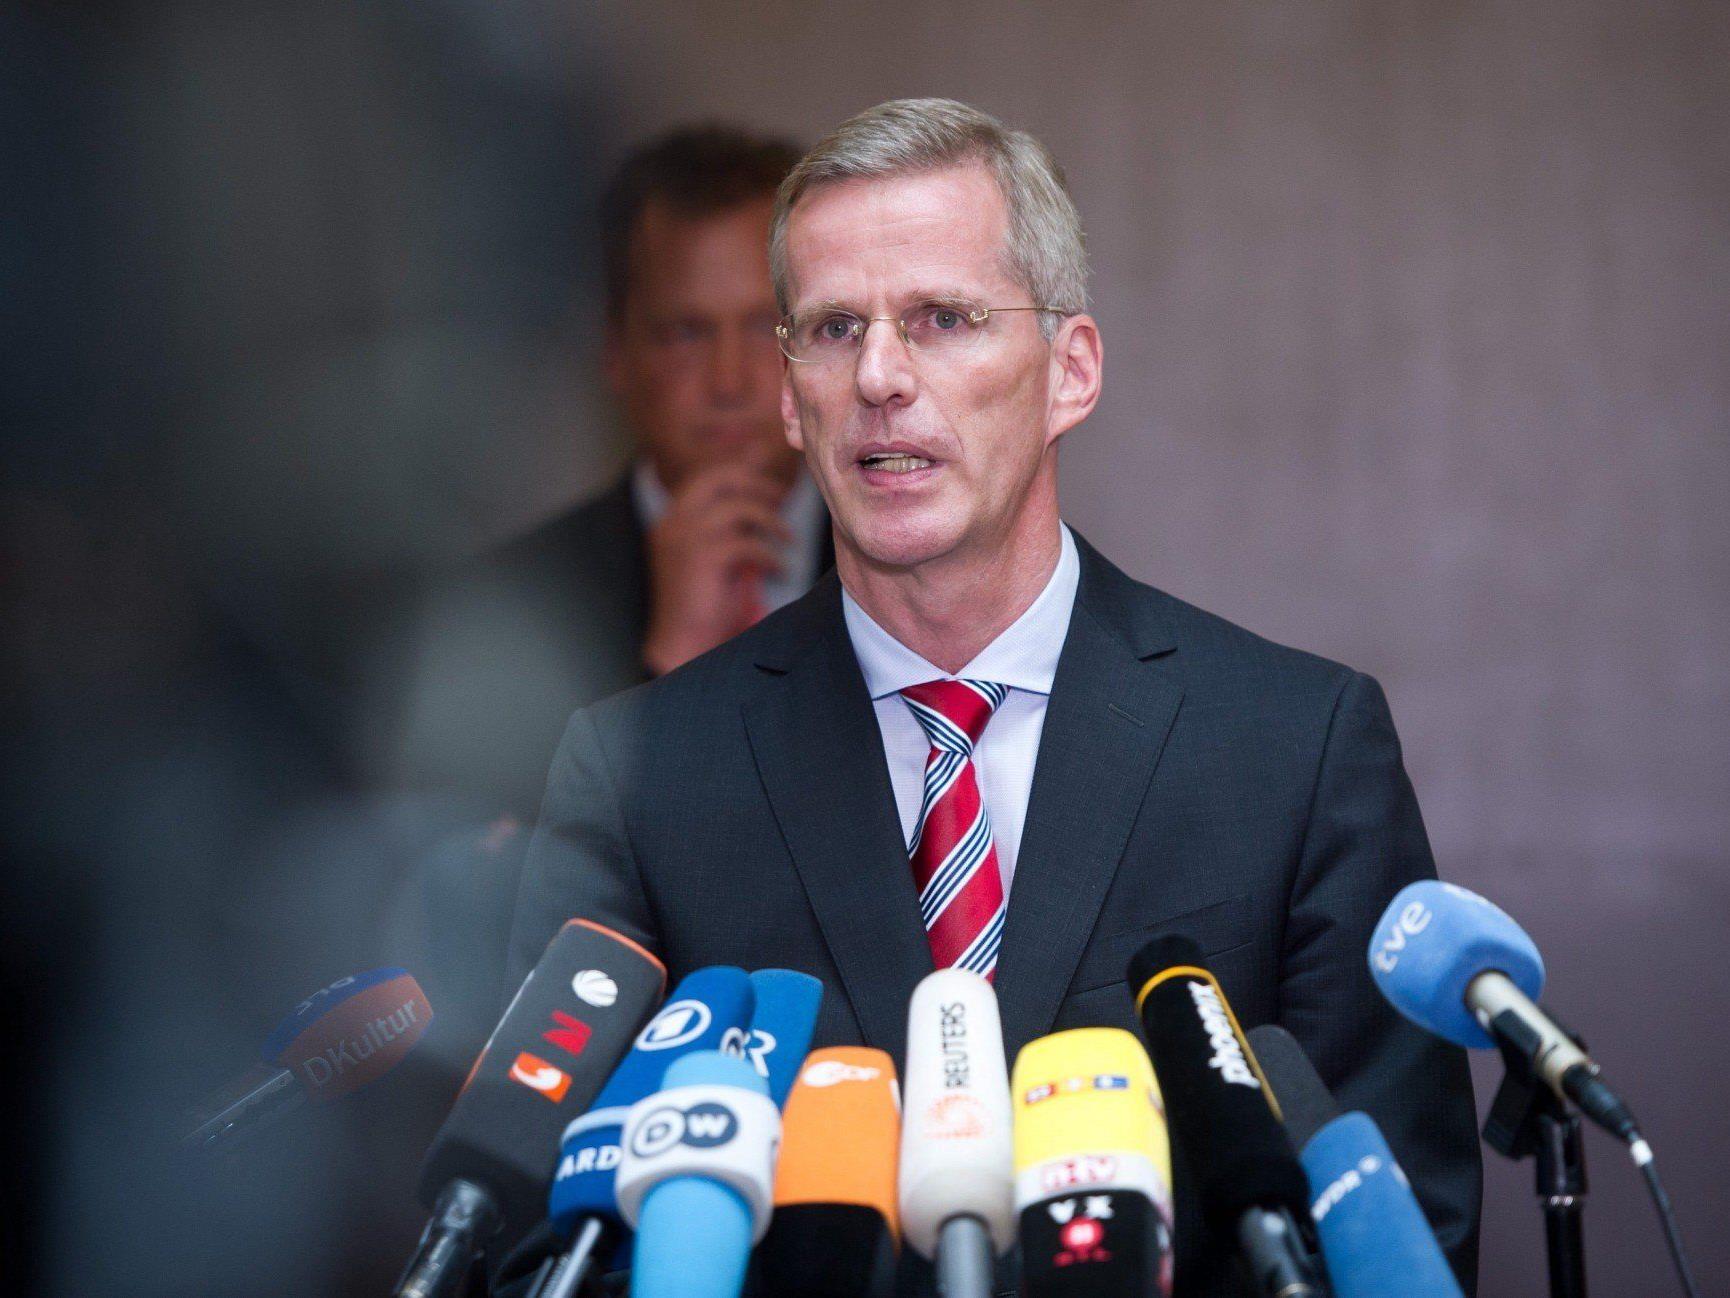 Spionageaffäre: Deutsche Regierung weist US-Geheimdienstler aus. Im Bild: Clemens Binninger.